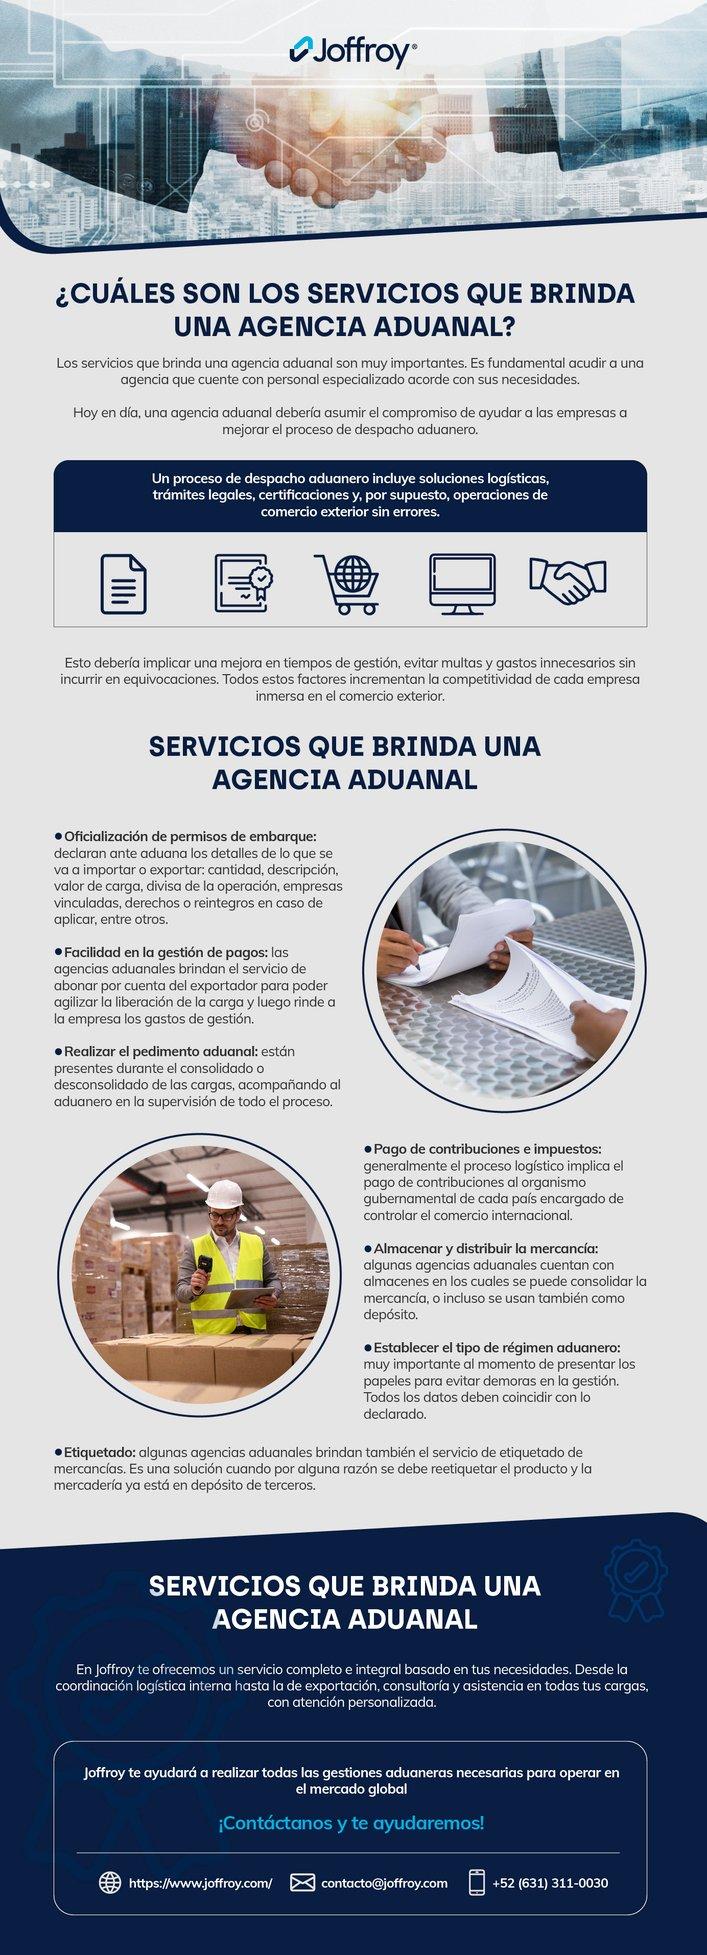 Cuales-son-los-servicios-que-brinda-una-agencia-aduanal-infografia